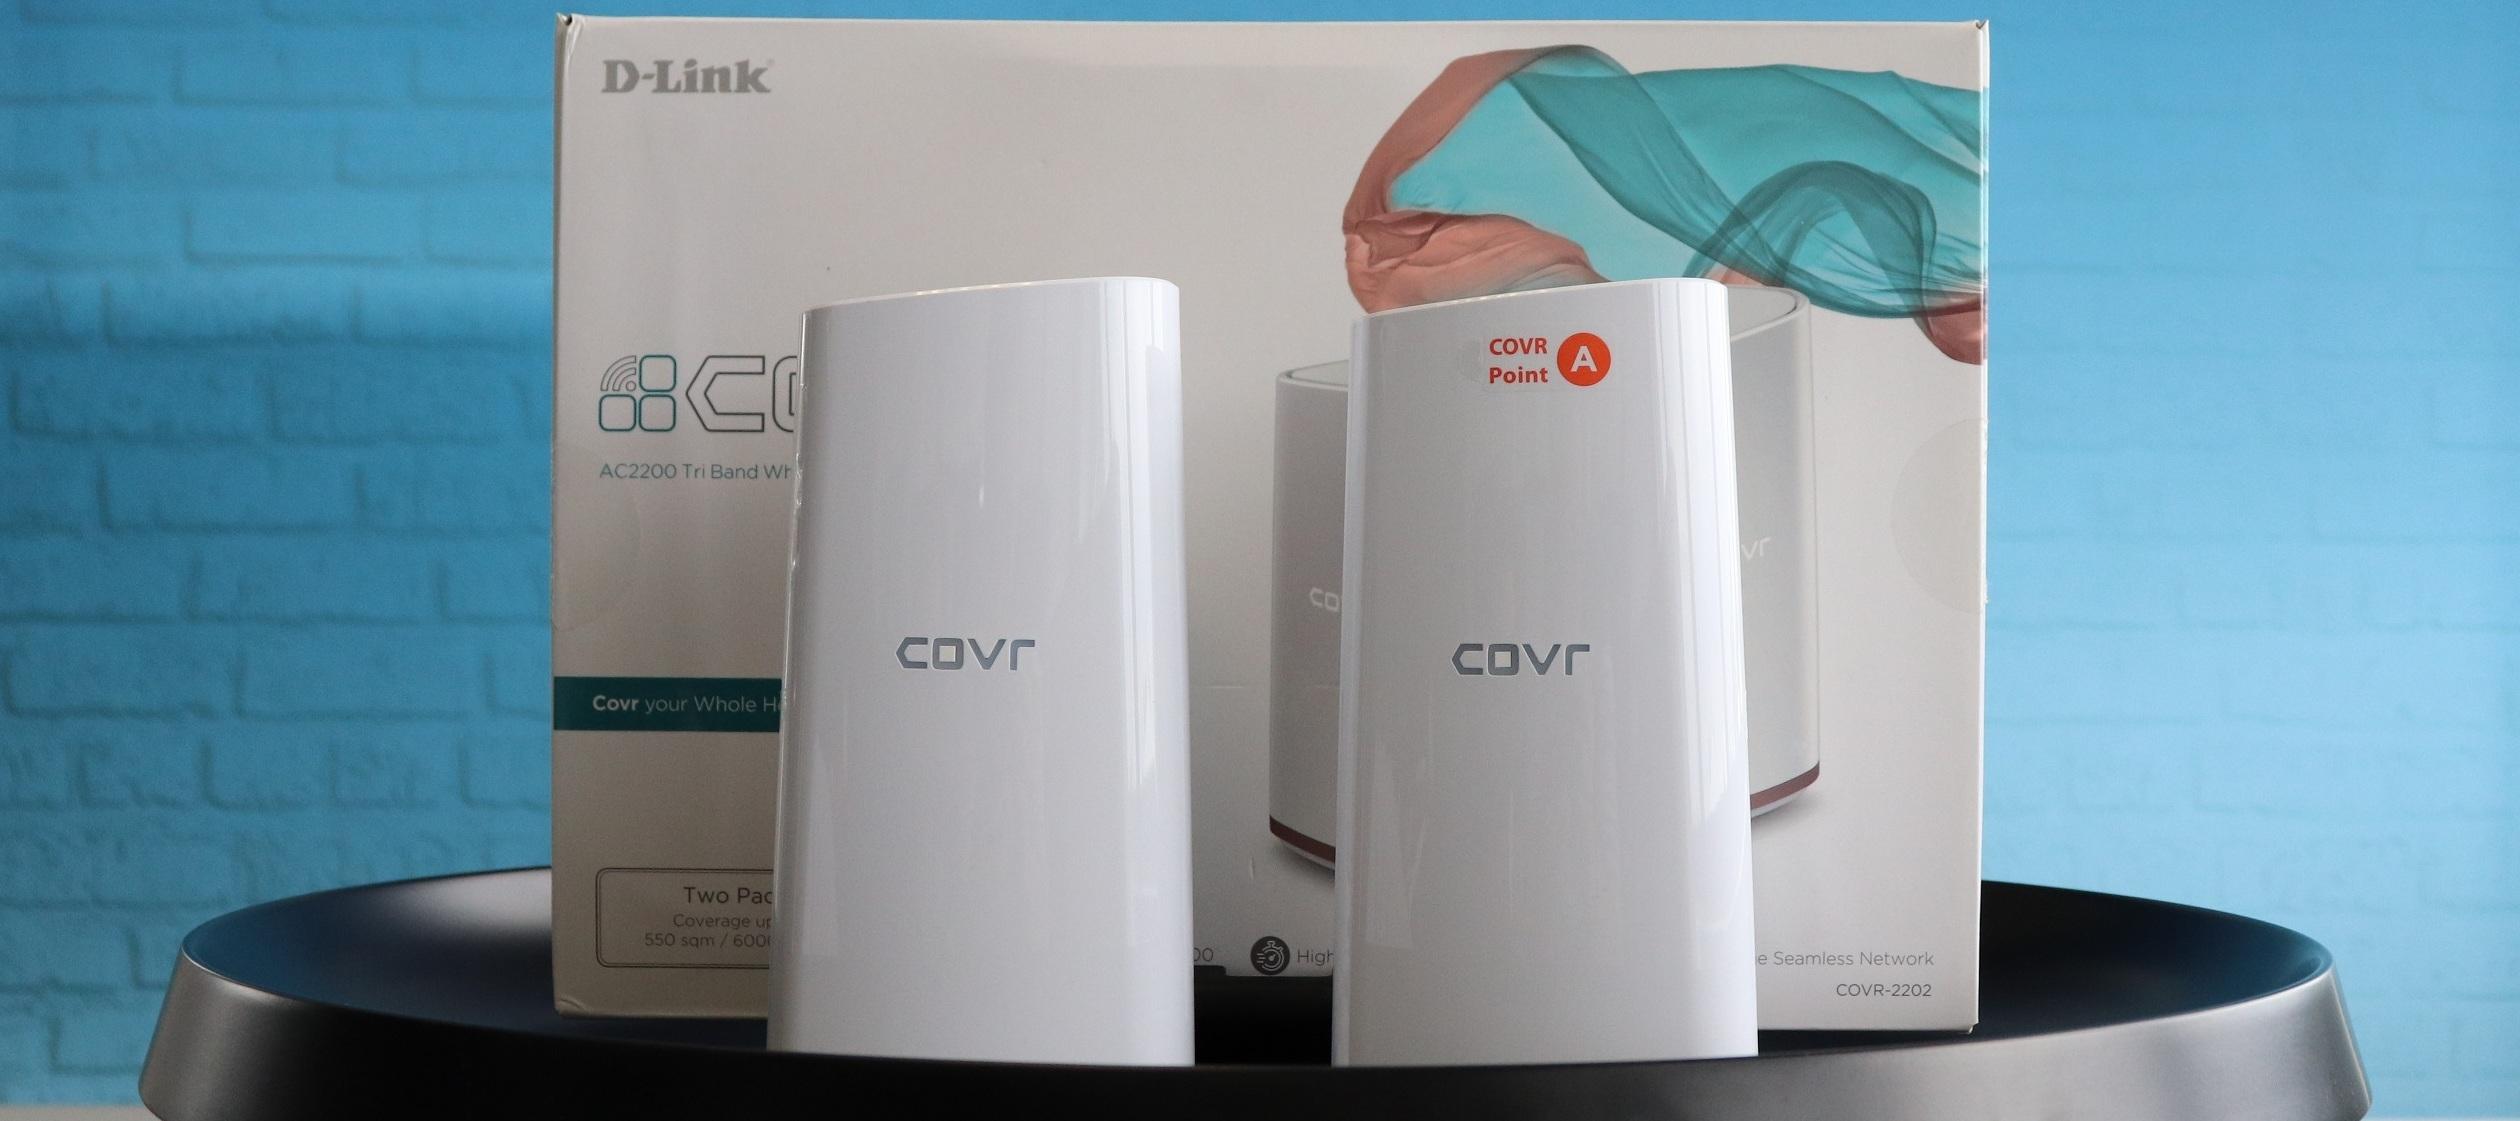 D-Link COVR AC2200 Testgerät: Mehr WLAN für dein zu Hause - Jetzt bewerben und Tester/in werden!